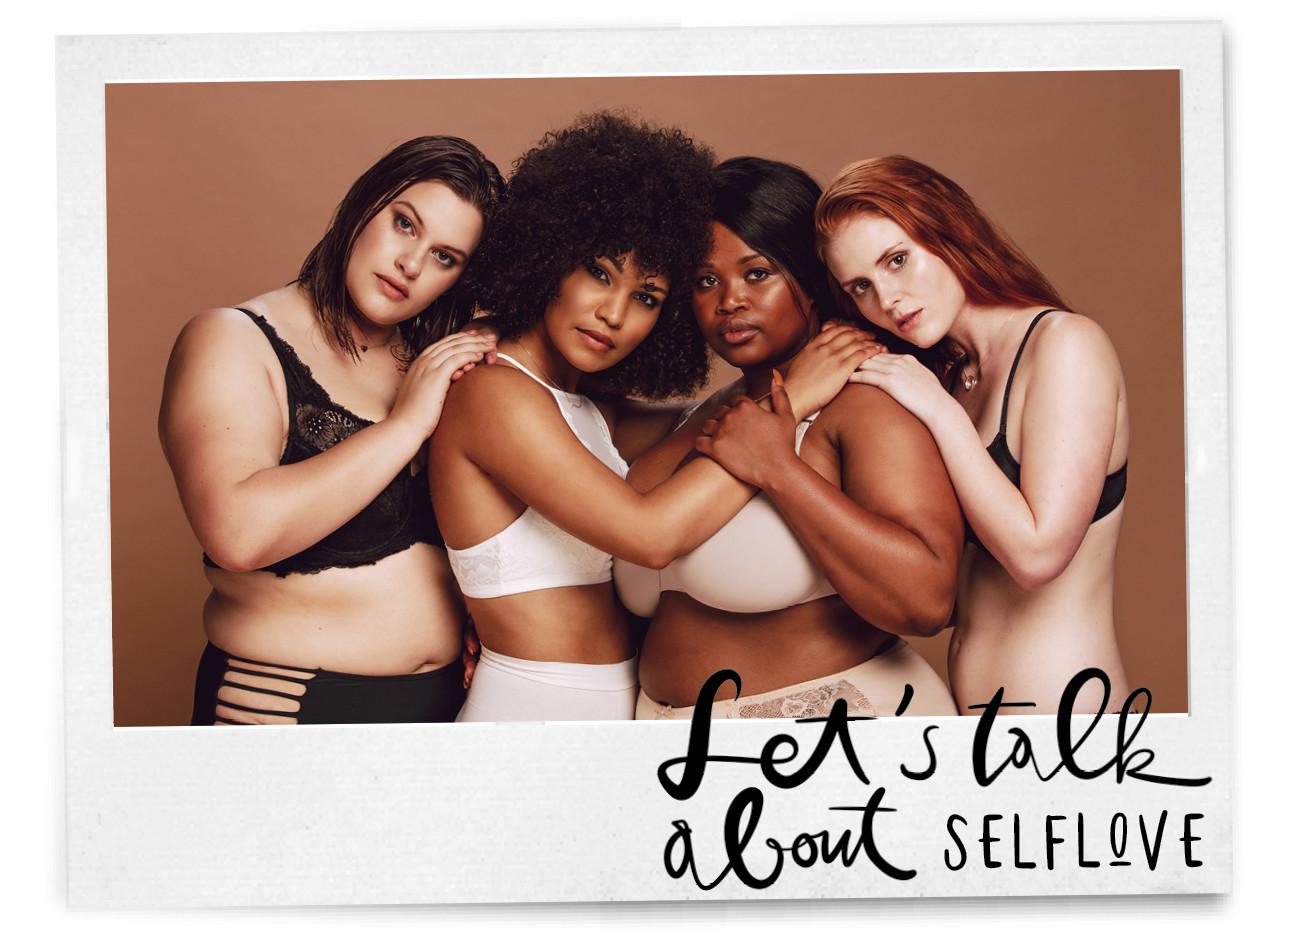 Vrouwen in lingerie houden elkaar vast